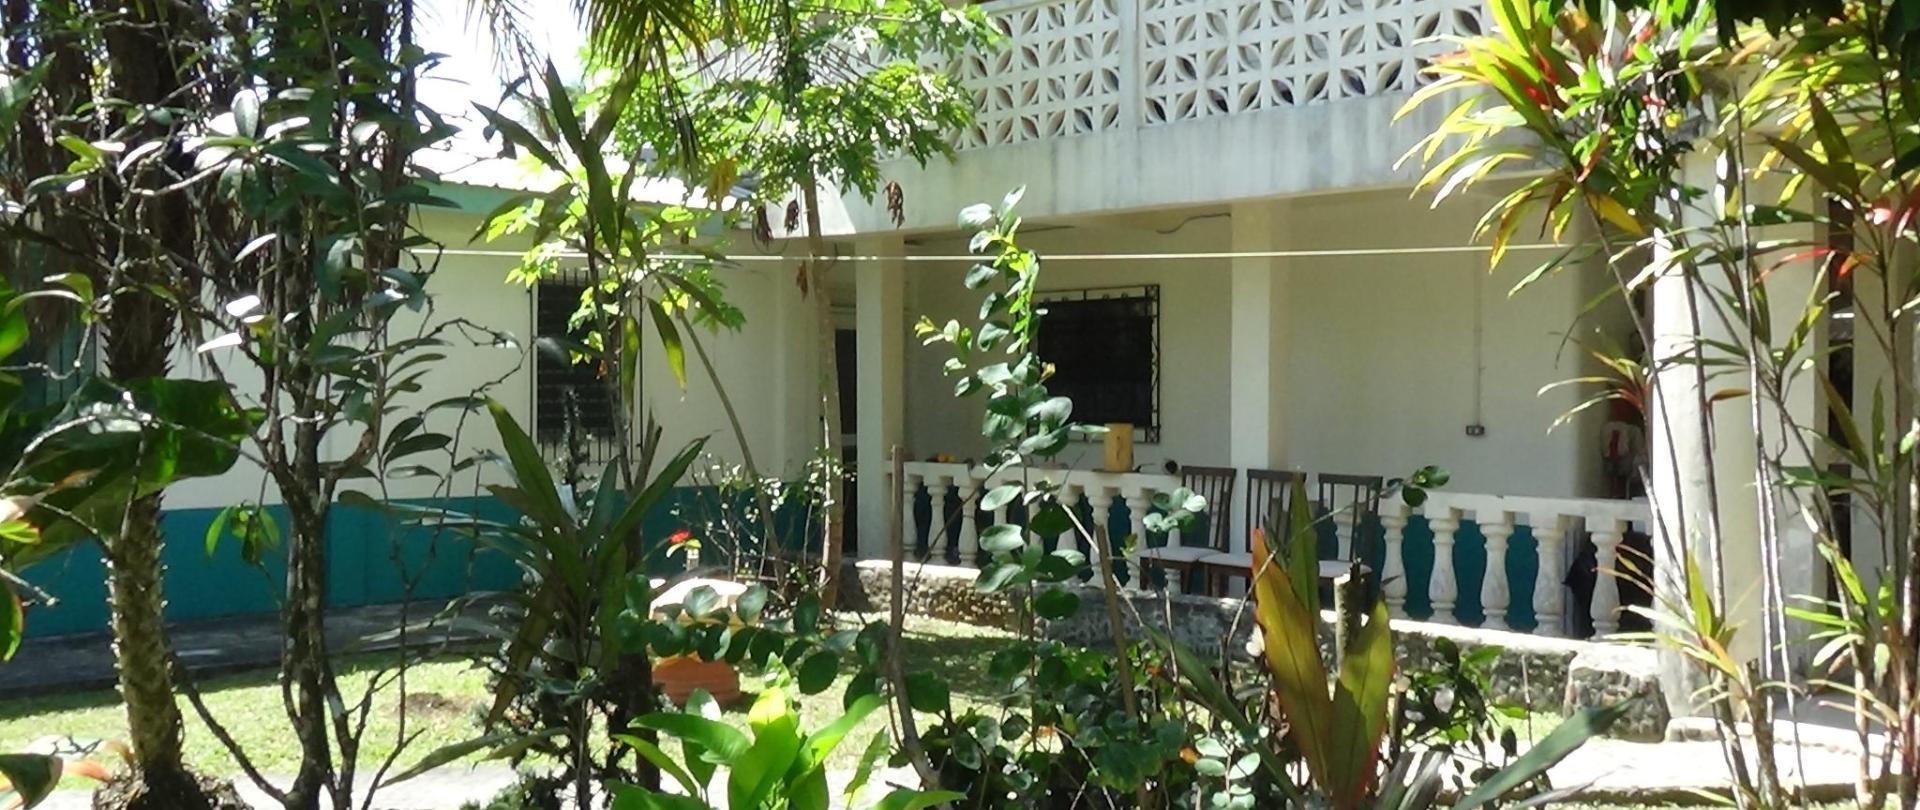 Facade of guesthouse